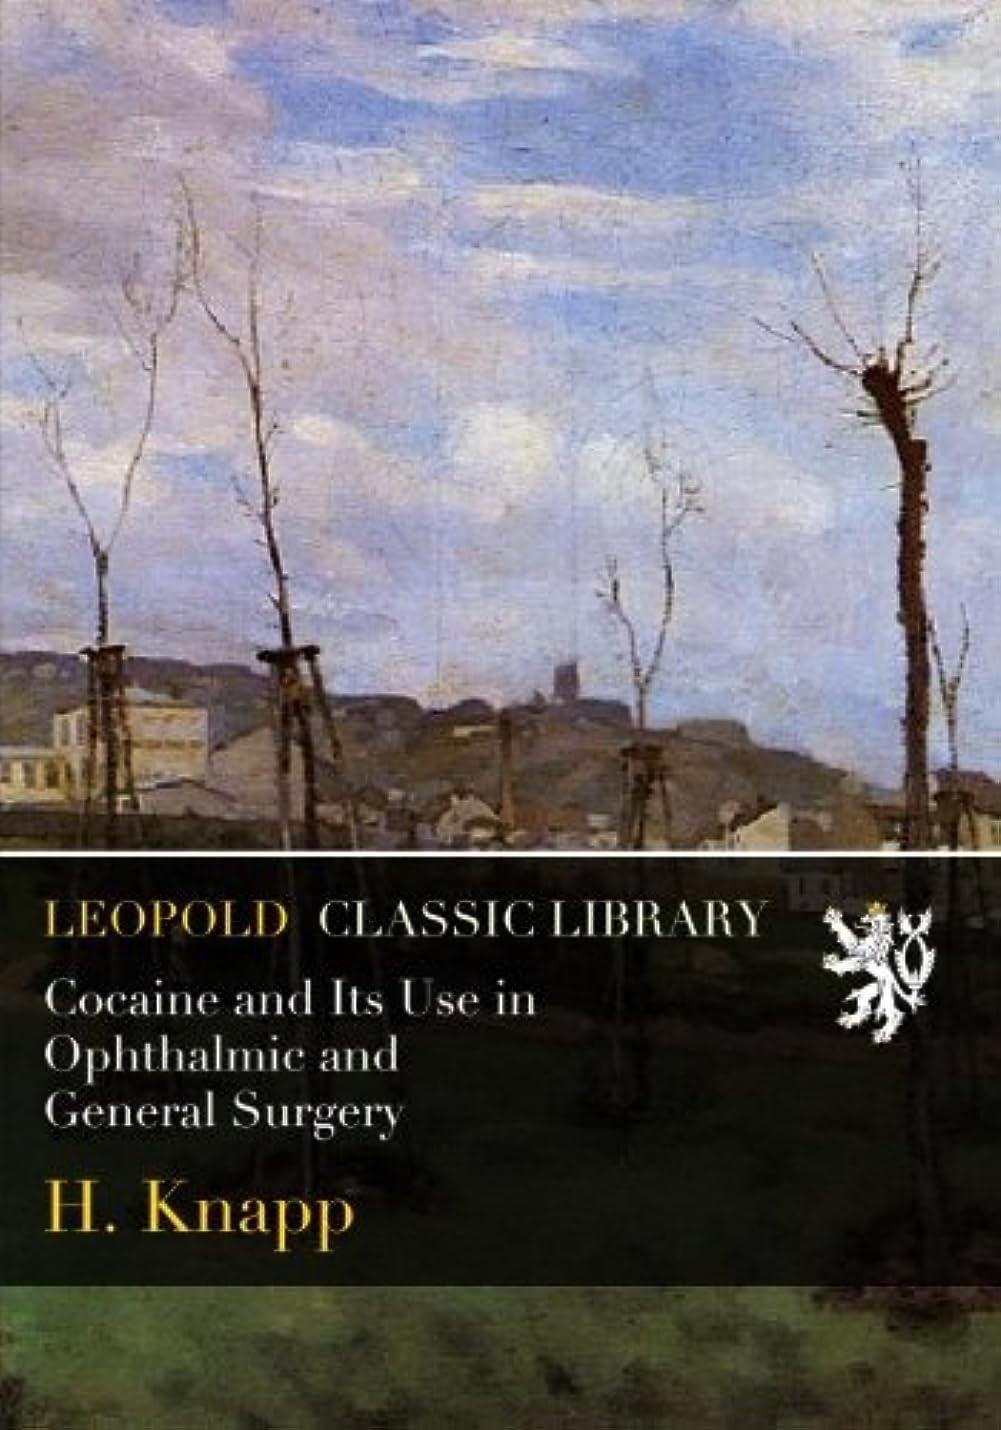 まだ毎年乱暴なCocaine and Its Use in Ophthalmic and General Surgery